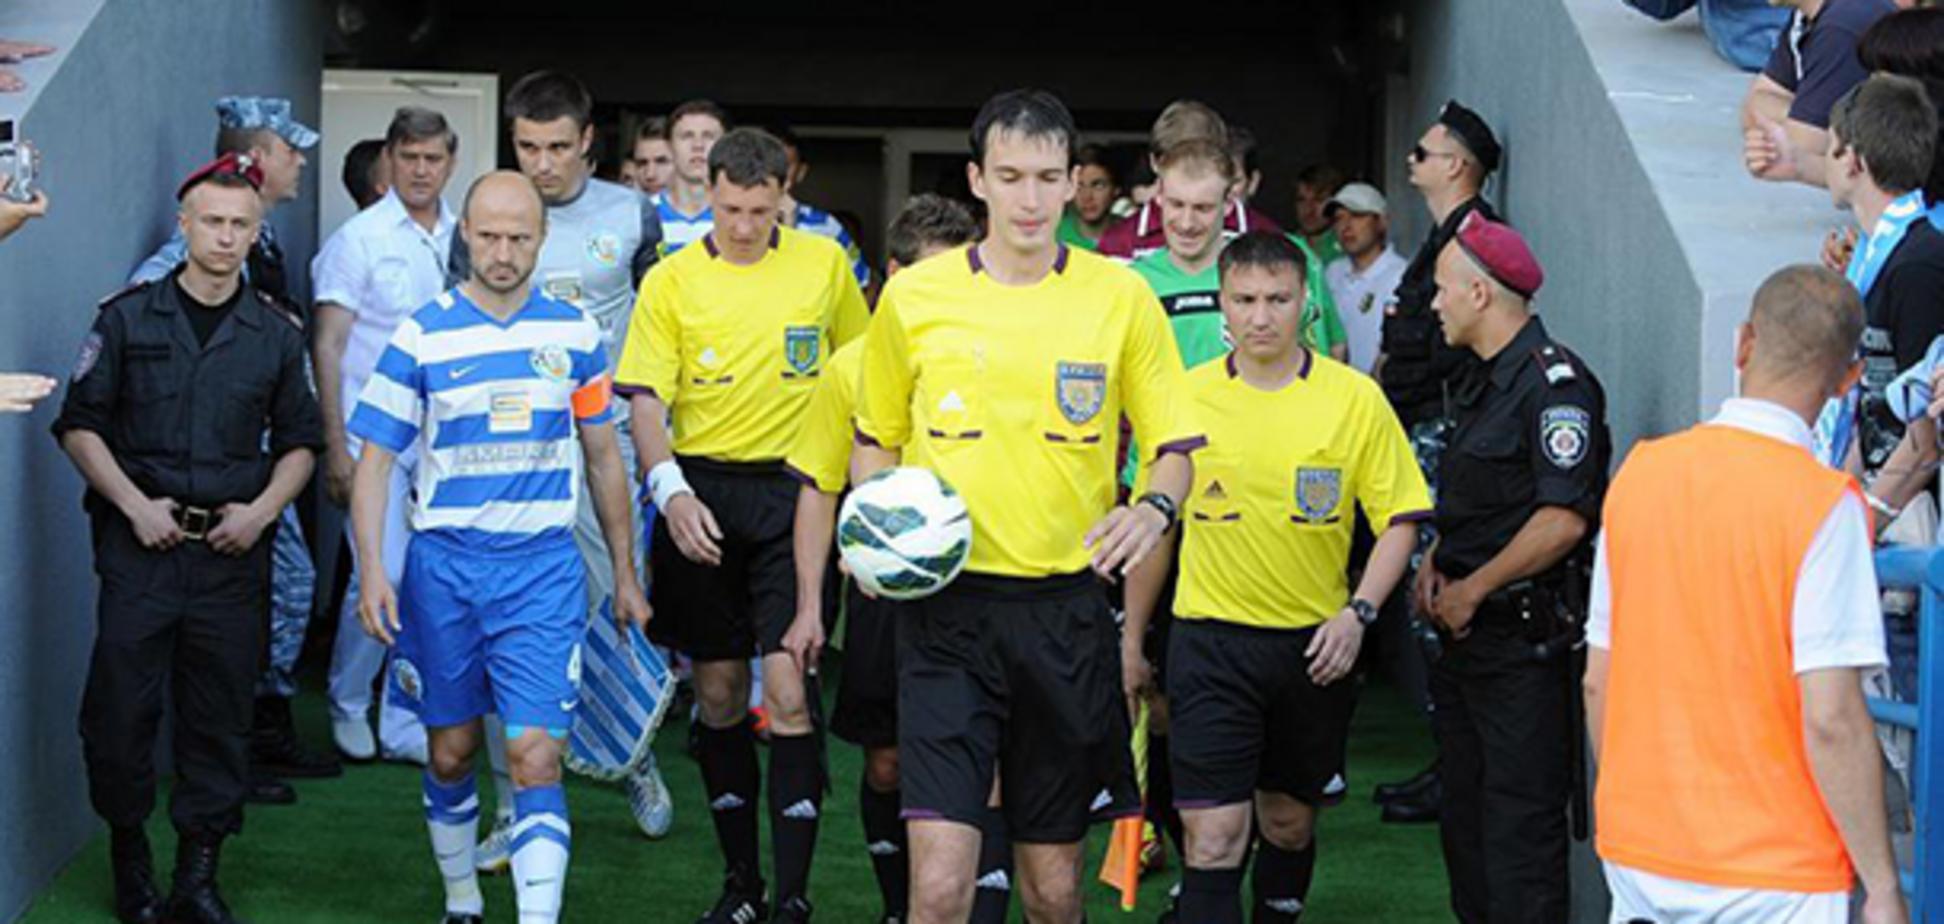 Вез в поезде $17000: всплыли новые детали скандала с договорными матчами в украинском футболе